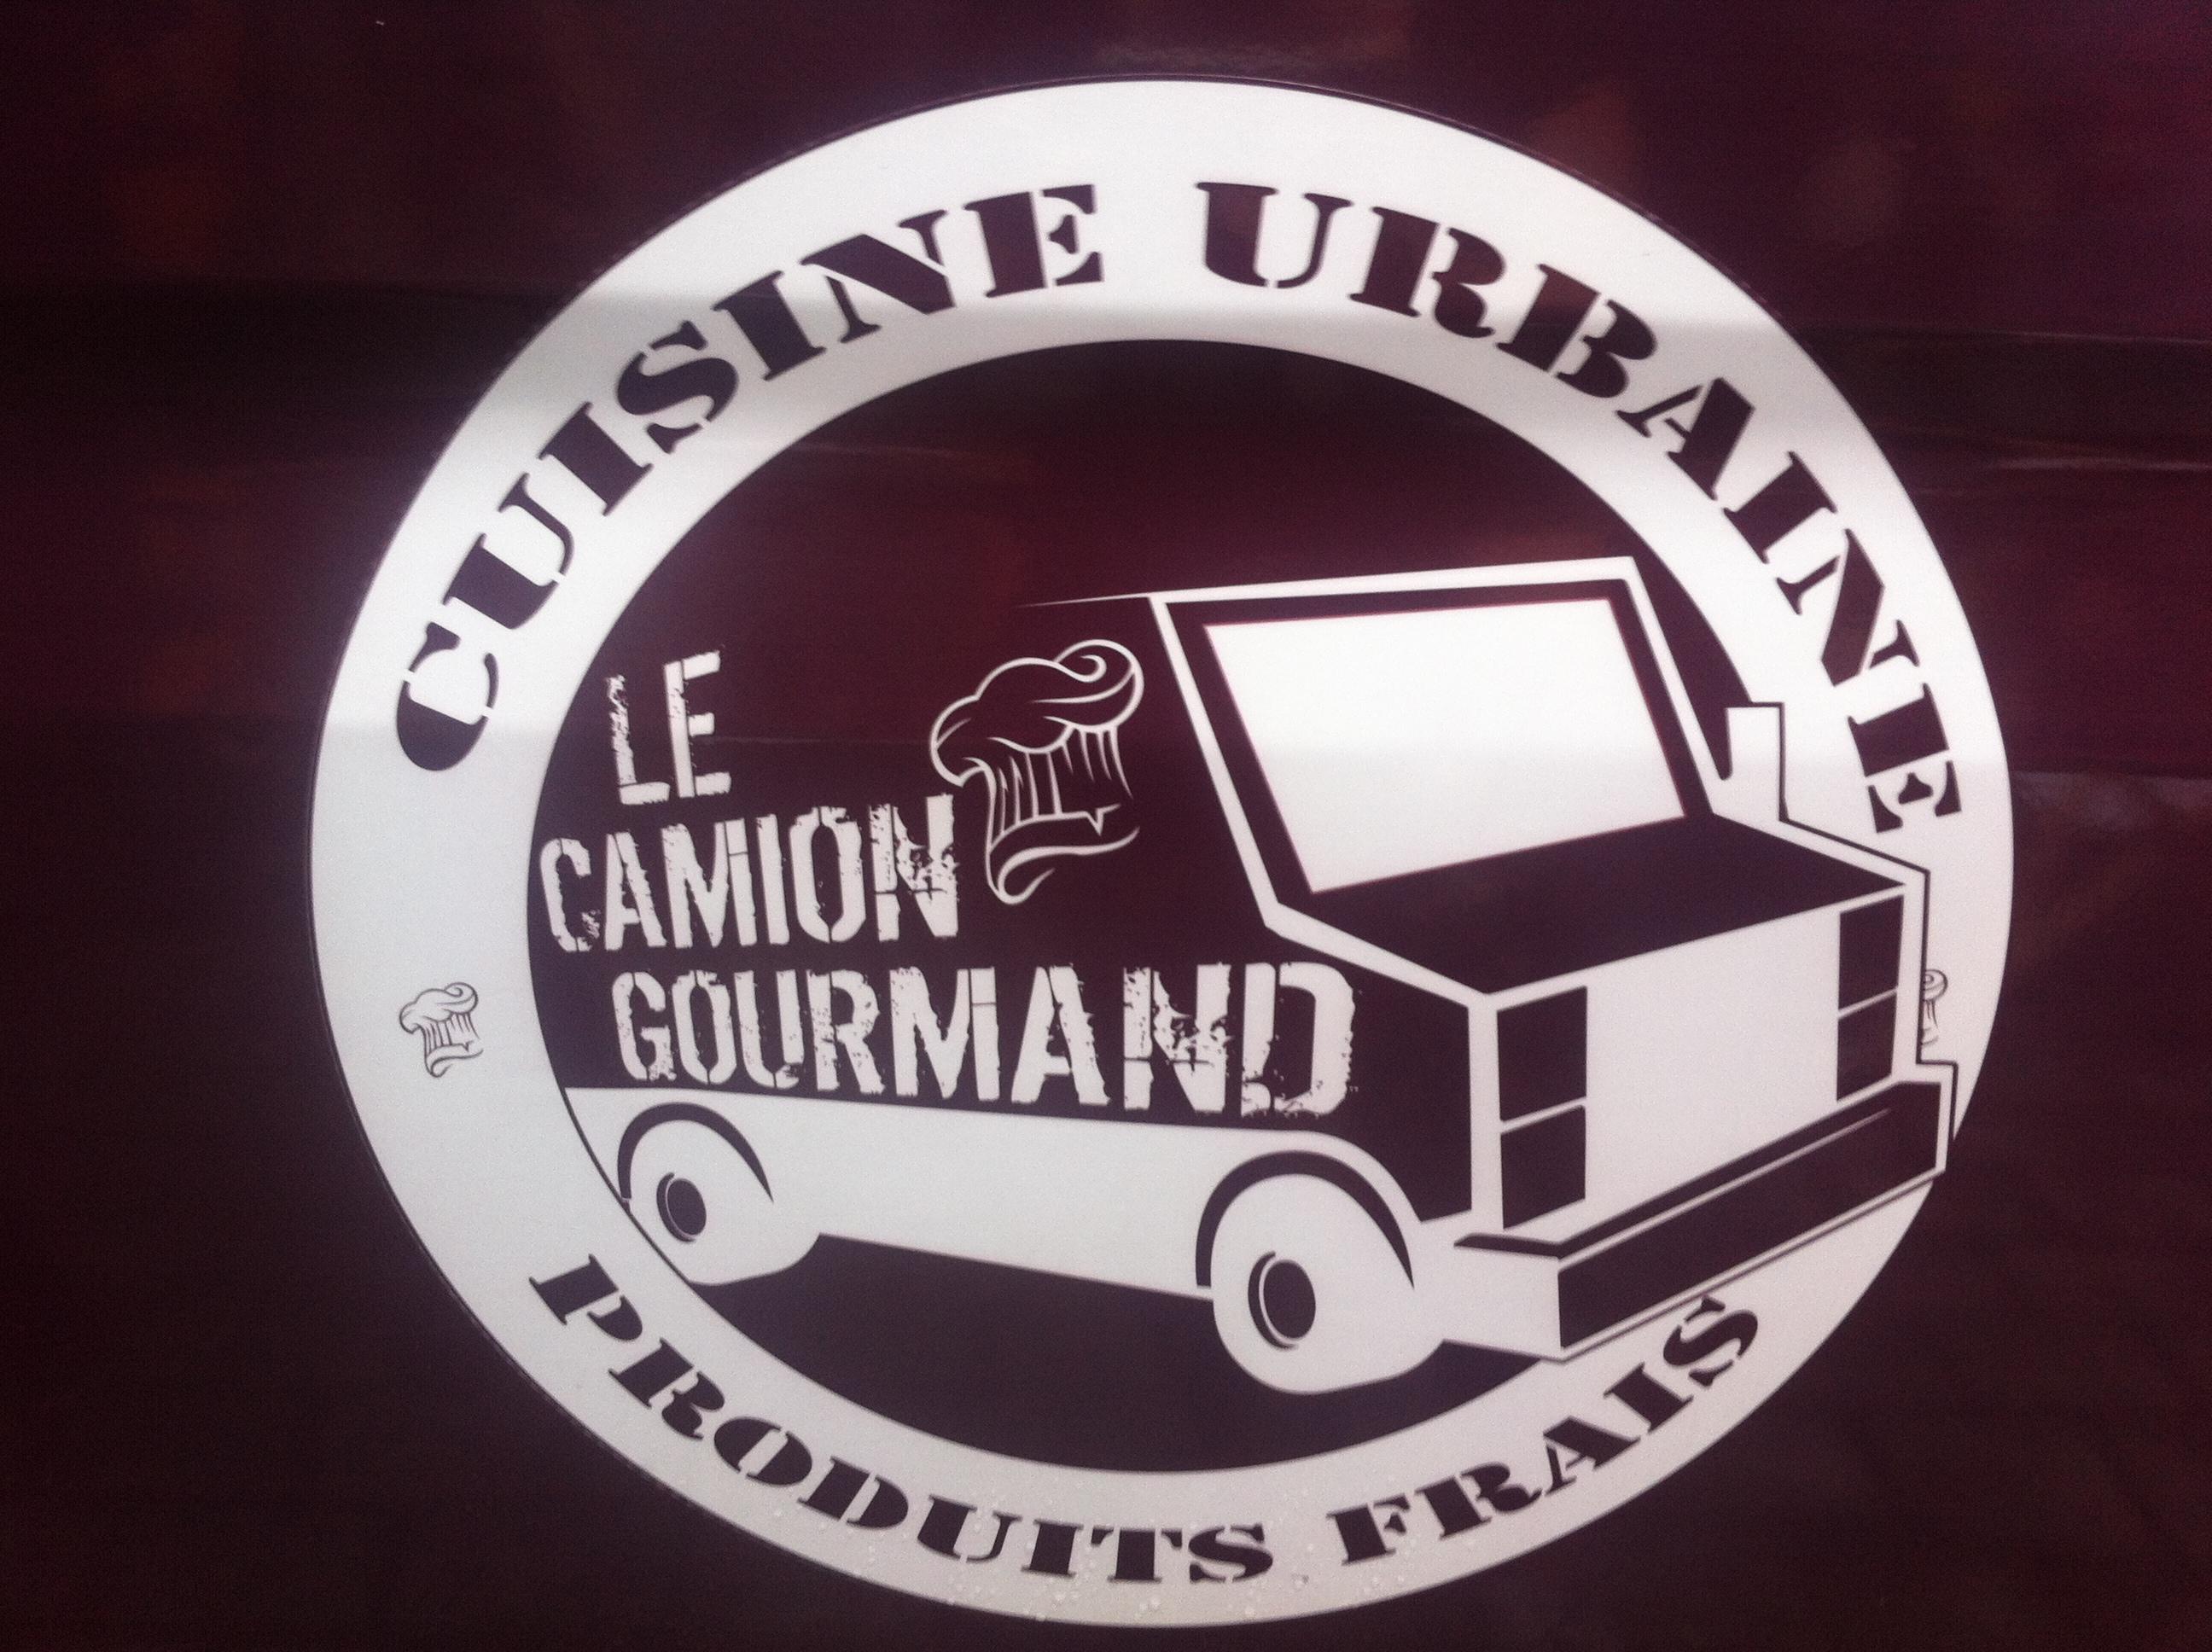 Le Camion Gourmand